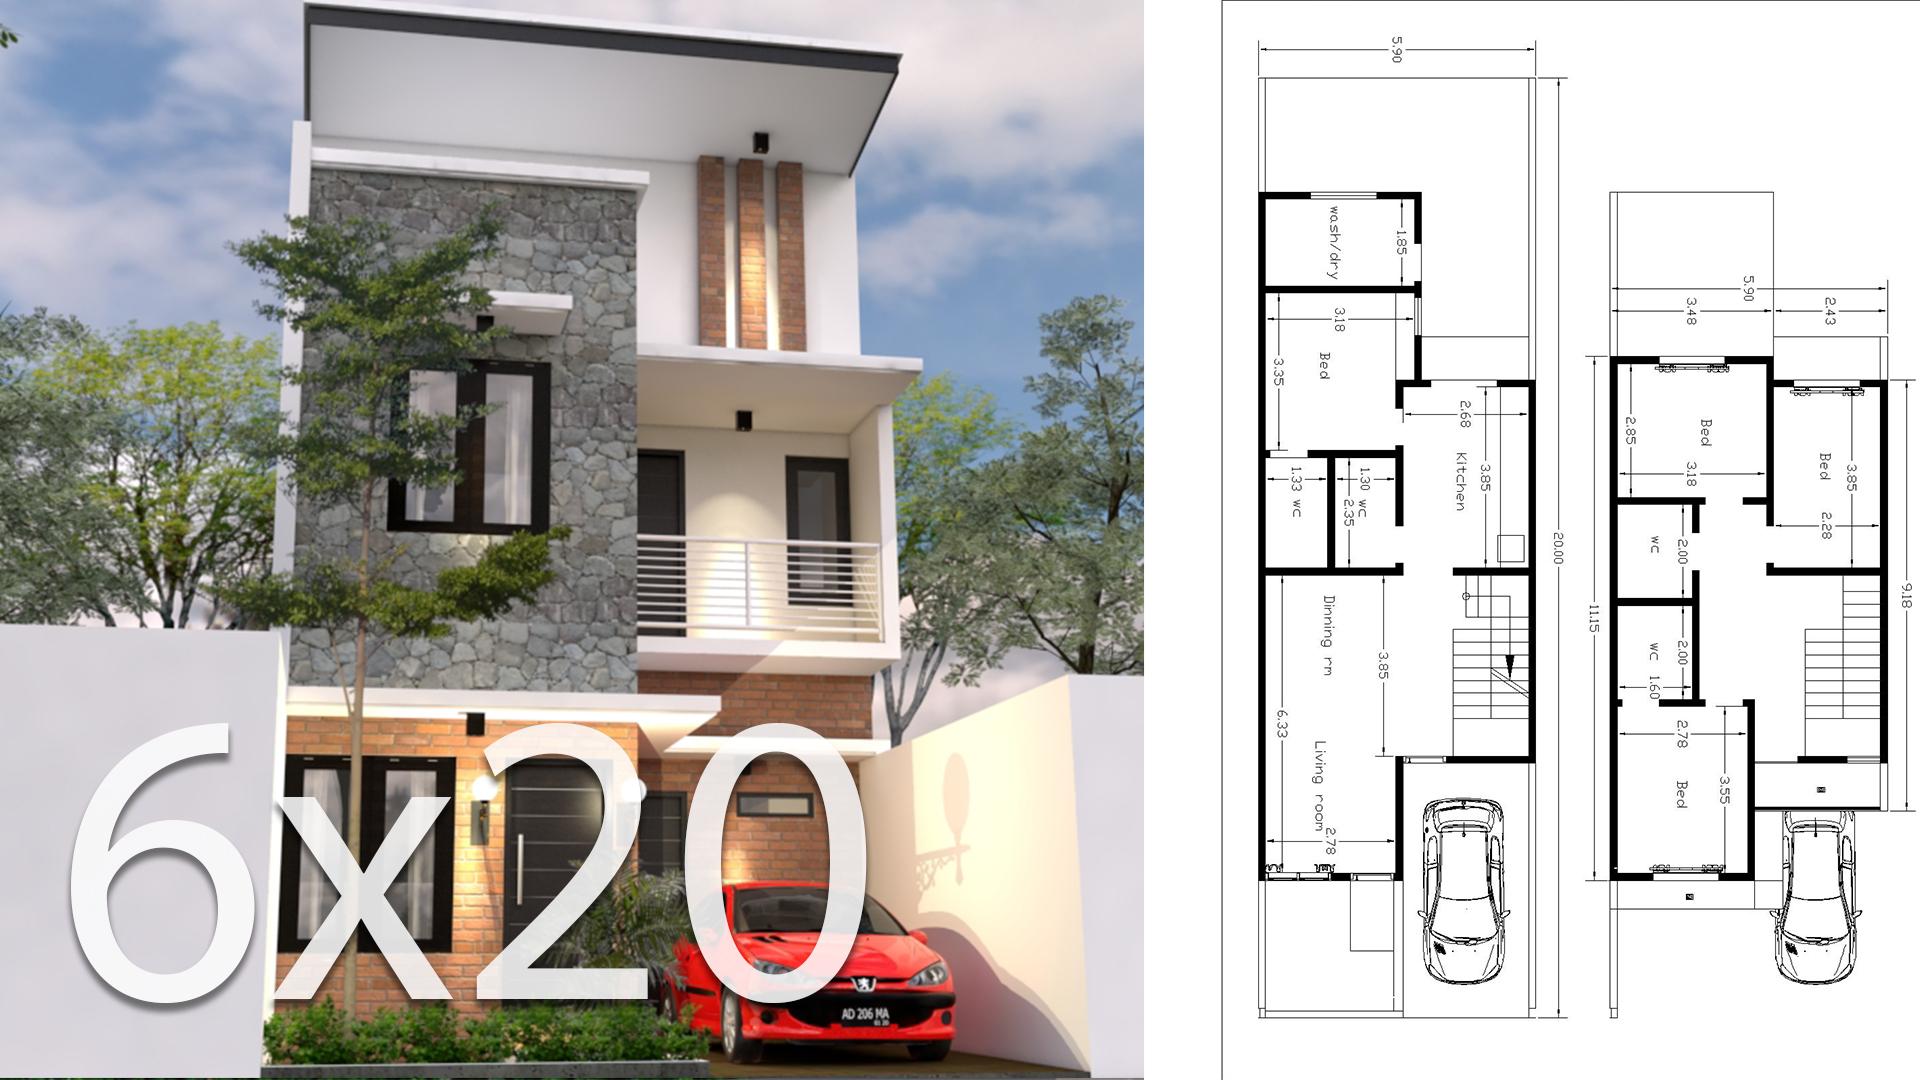 6x20M House Design 3d Plan With 4 Bedrooms - SamPhoas Plan